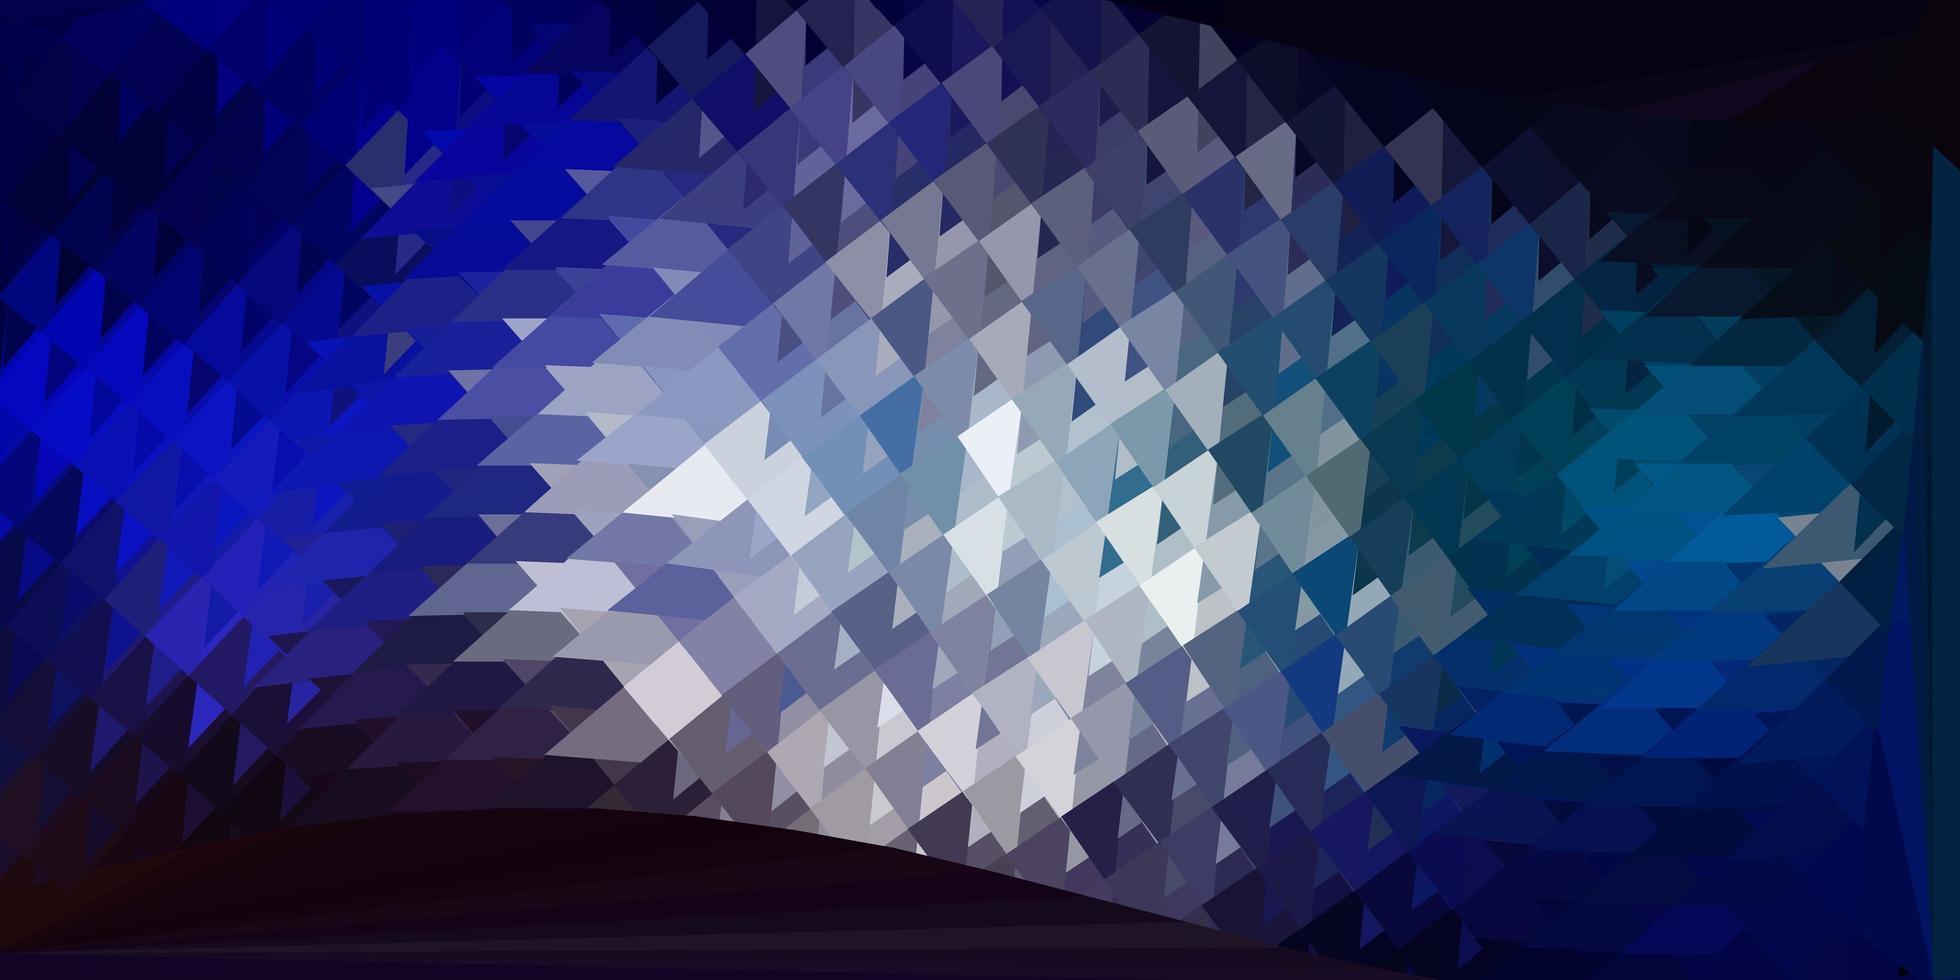 papel de parede de mosaico de triângulo de vetor azul claro e vermelho.